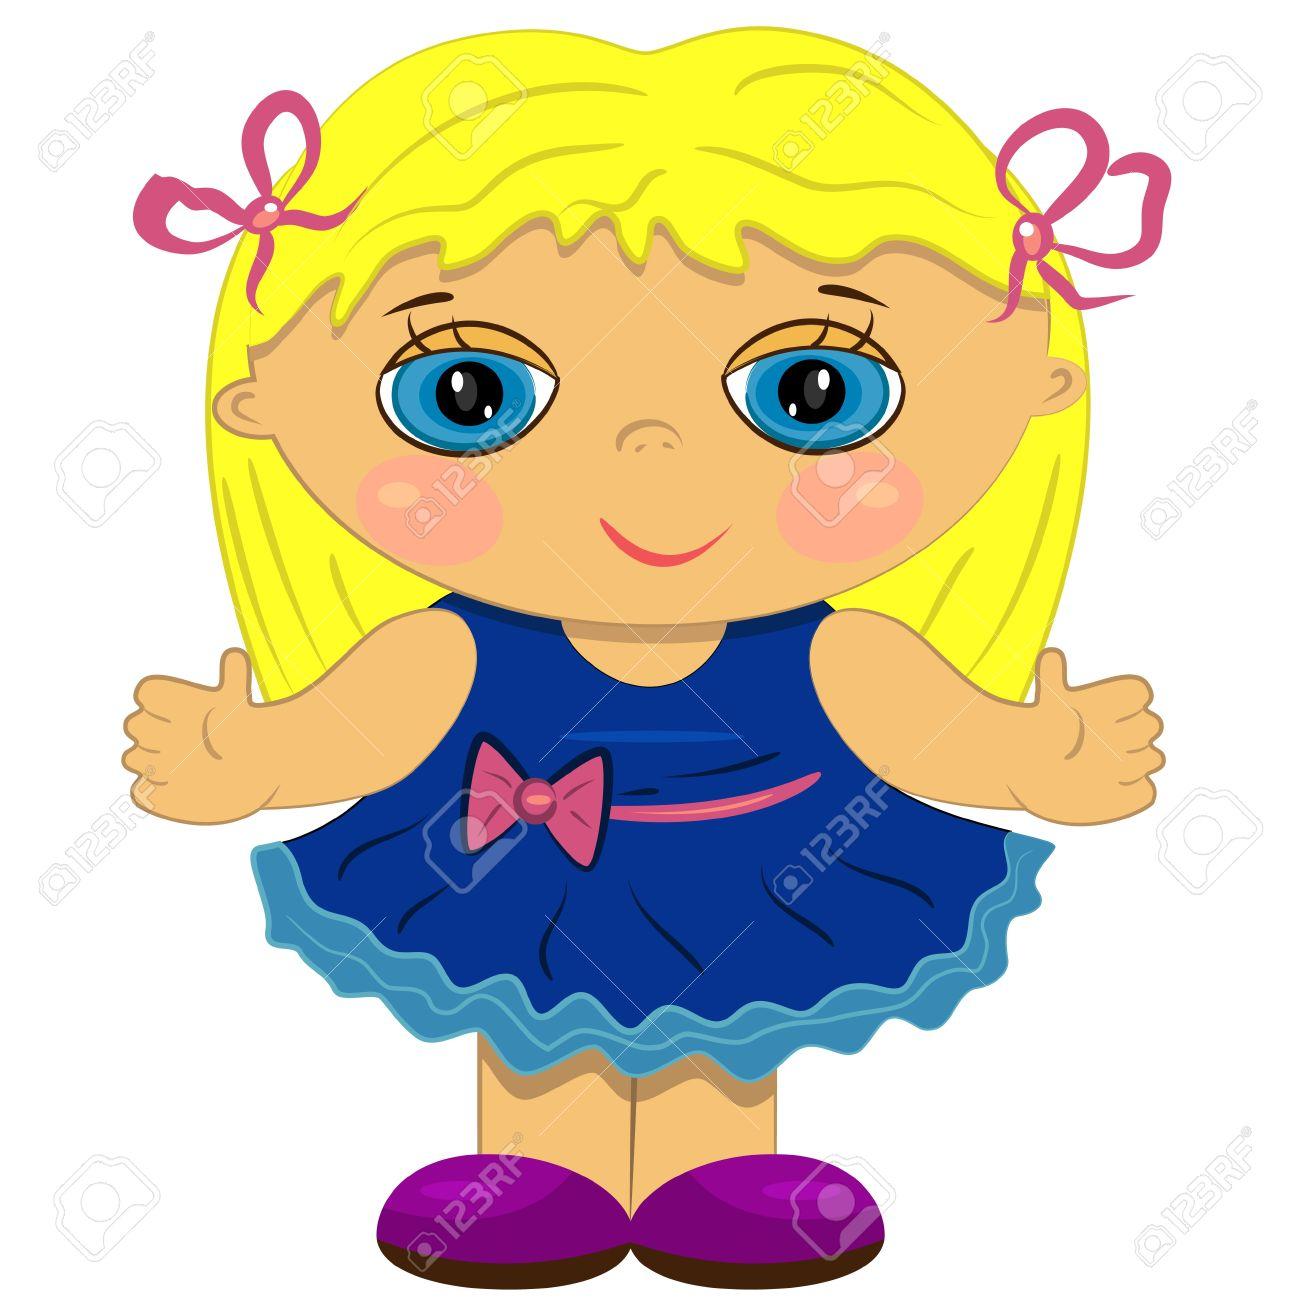 aplaudiendo niña. ilustración de la muñeca linda Foto de archivo - 14122571